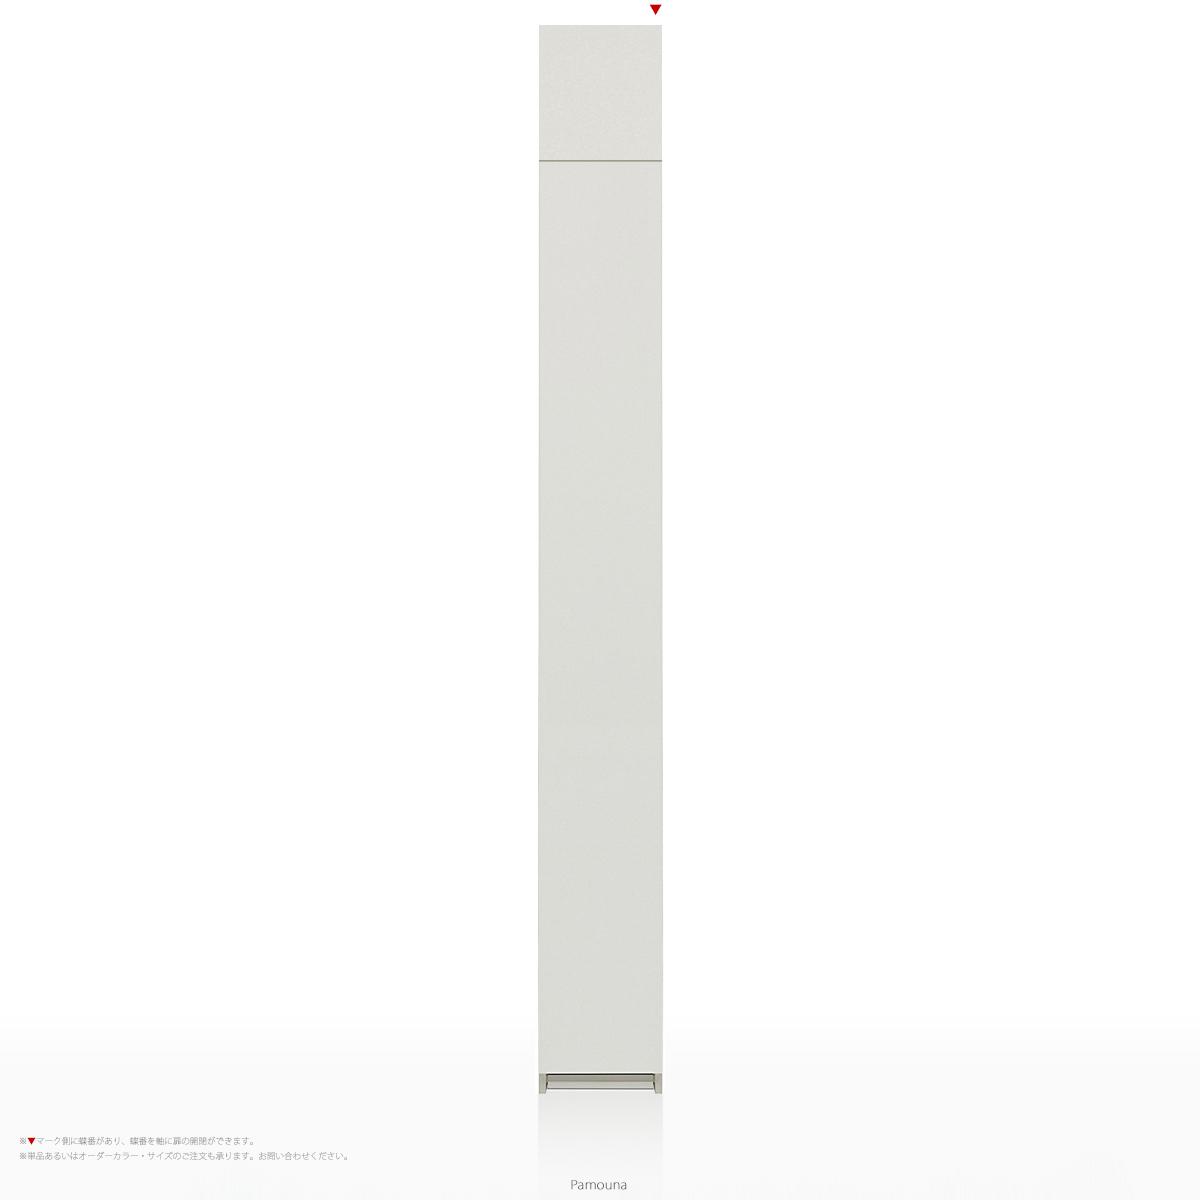 パモウナ WGシリーズ WG-S300 上棚付きスリムストッカー [開き扉] (幅30cm, 奥行き45cm, 上棚右開き, パールホワイト)【送料無料 ※対象地域(本州,九州,四国)】【同梱不可】【店頭受取対応商品】